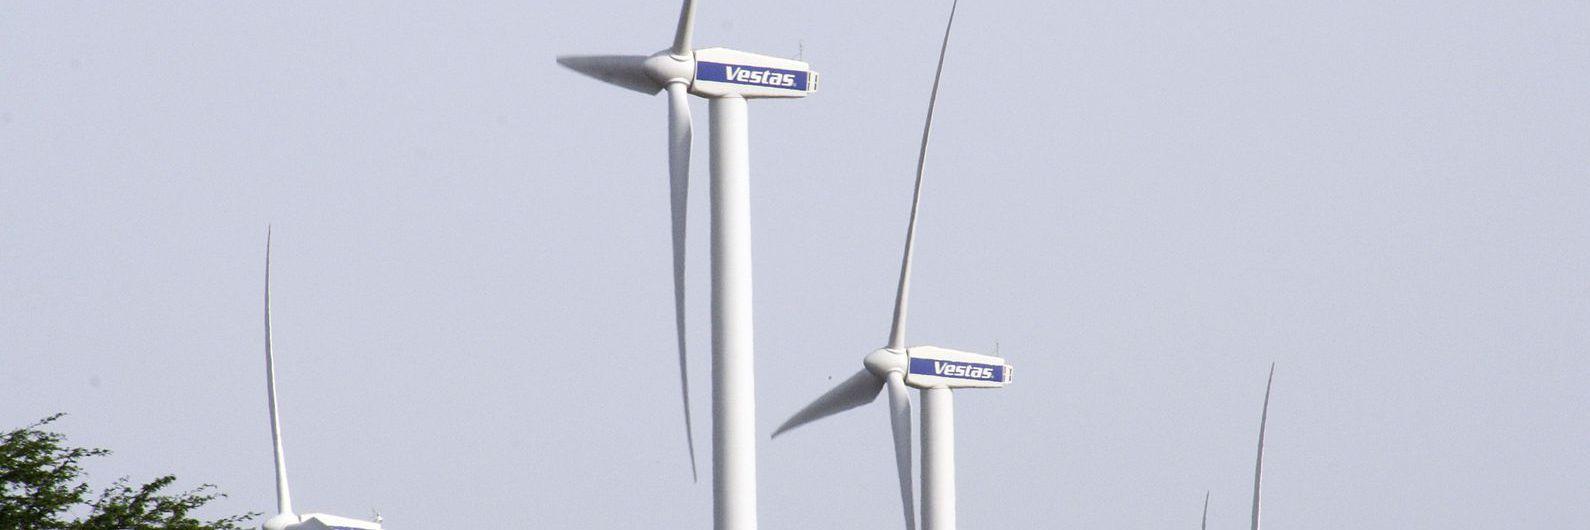 Associação Zero apela a novas metas de eficiência energética em véspera de Conselho Europeu